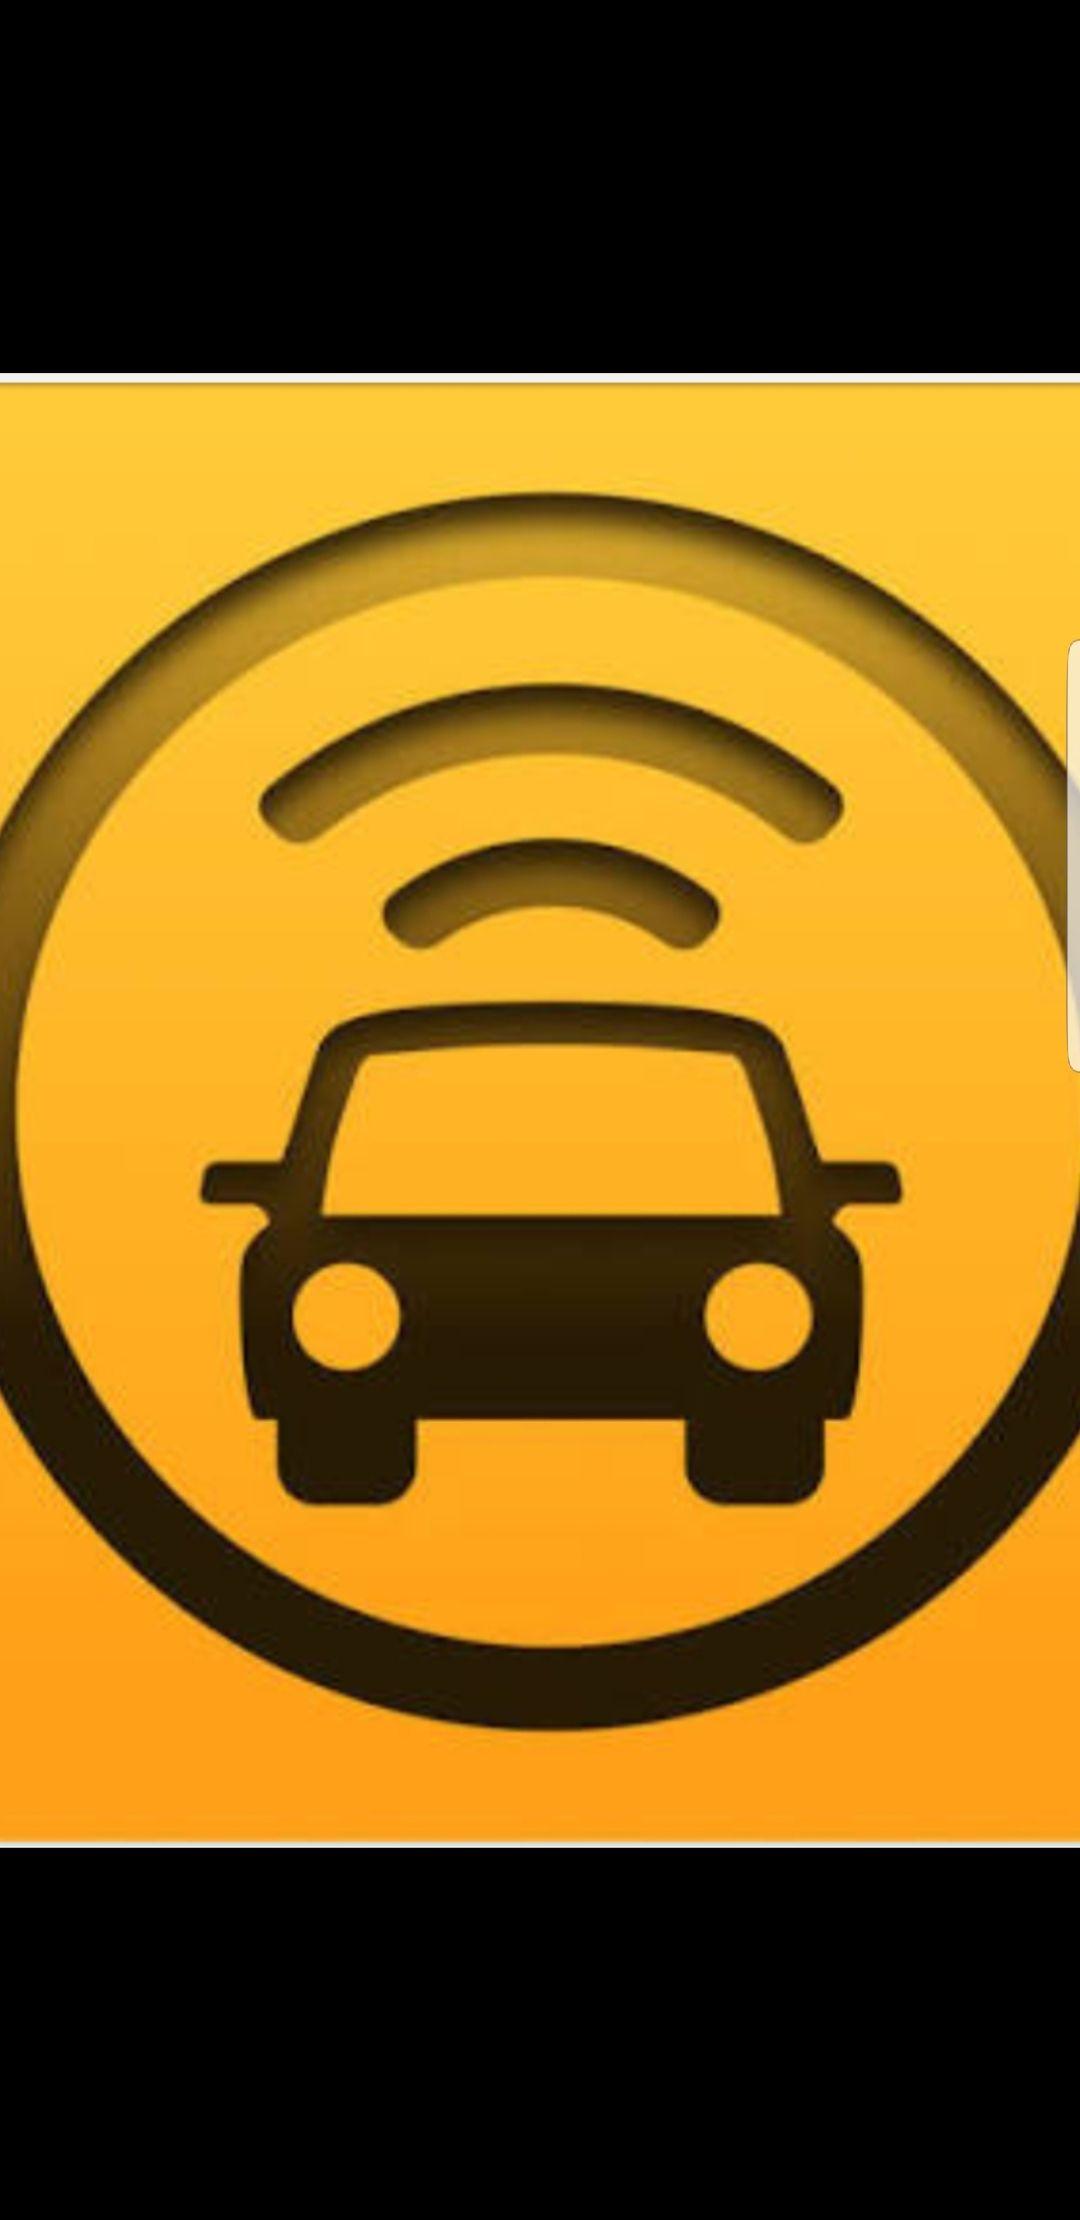 Easy Taxi:  este si funciona cdmx código de -100 de desc